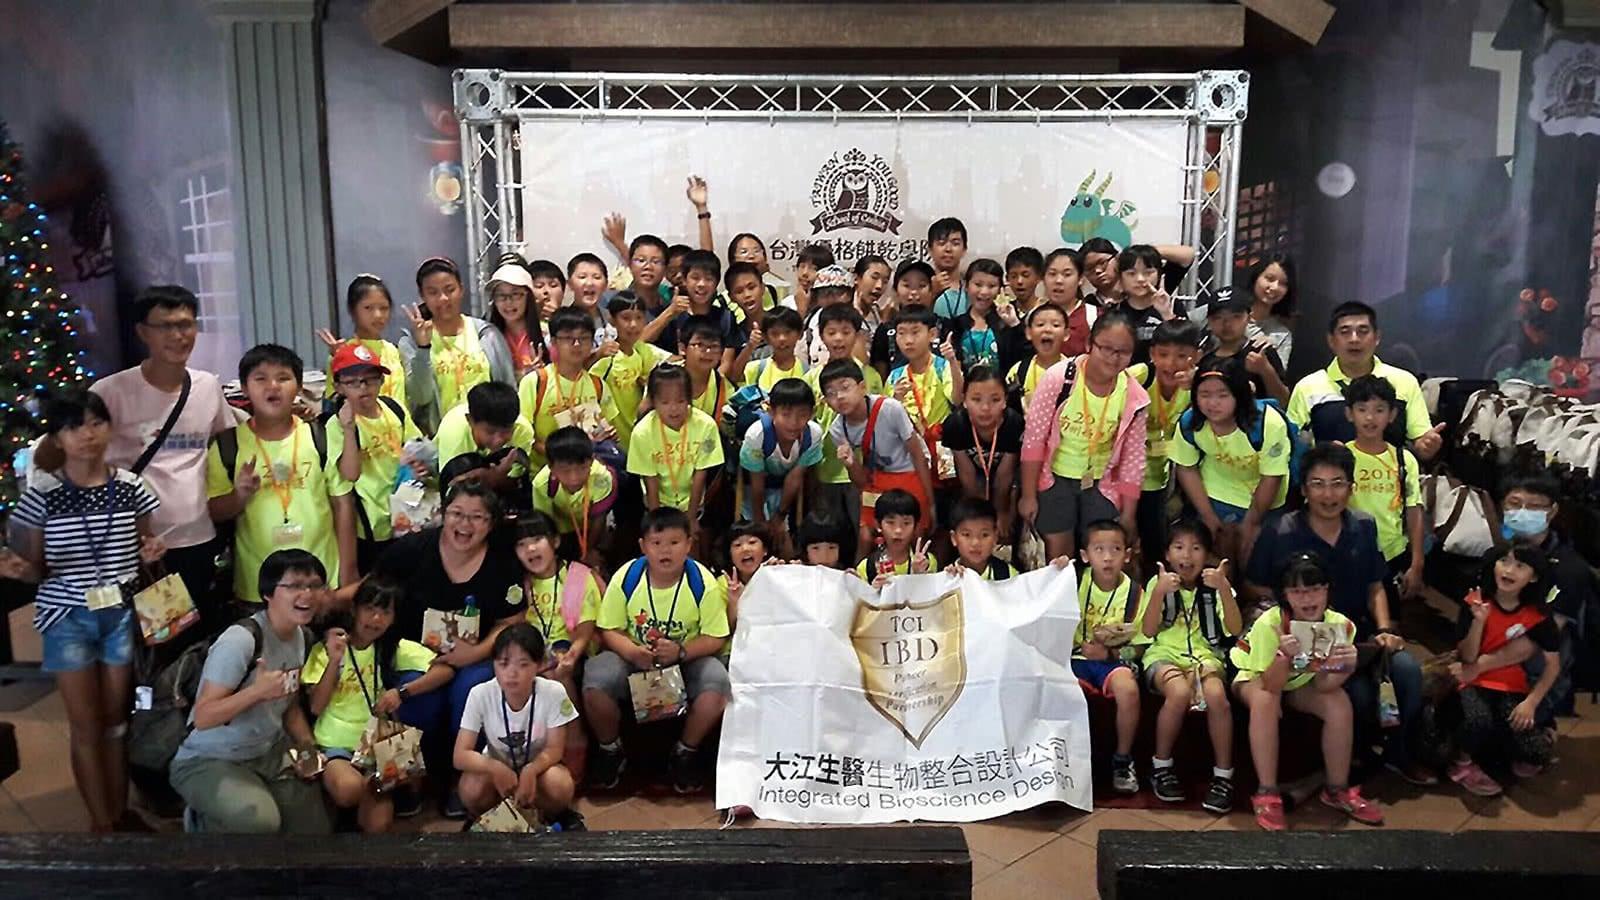 2018年 TCI 大江生医 台中人文科学营 同安国小